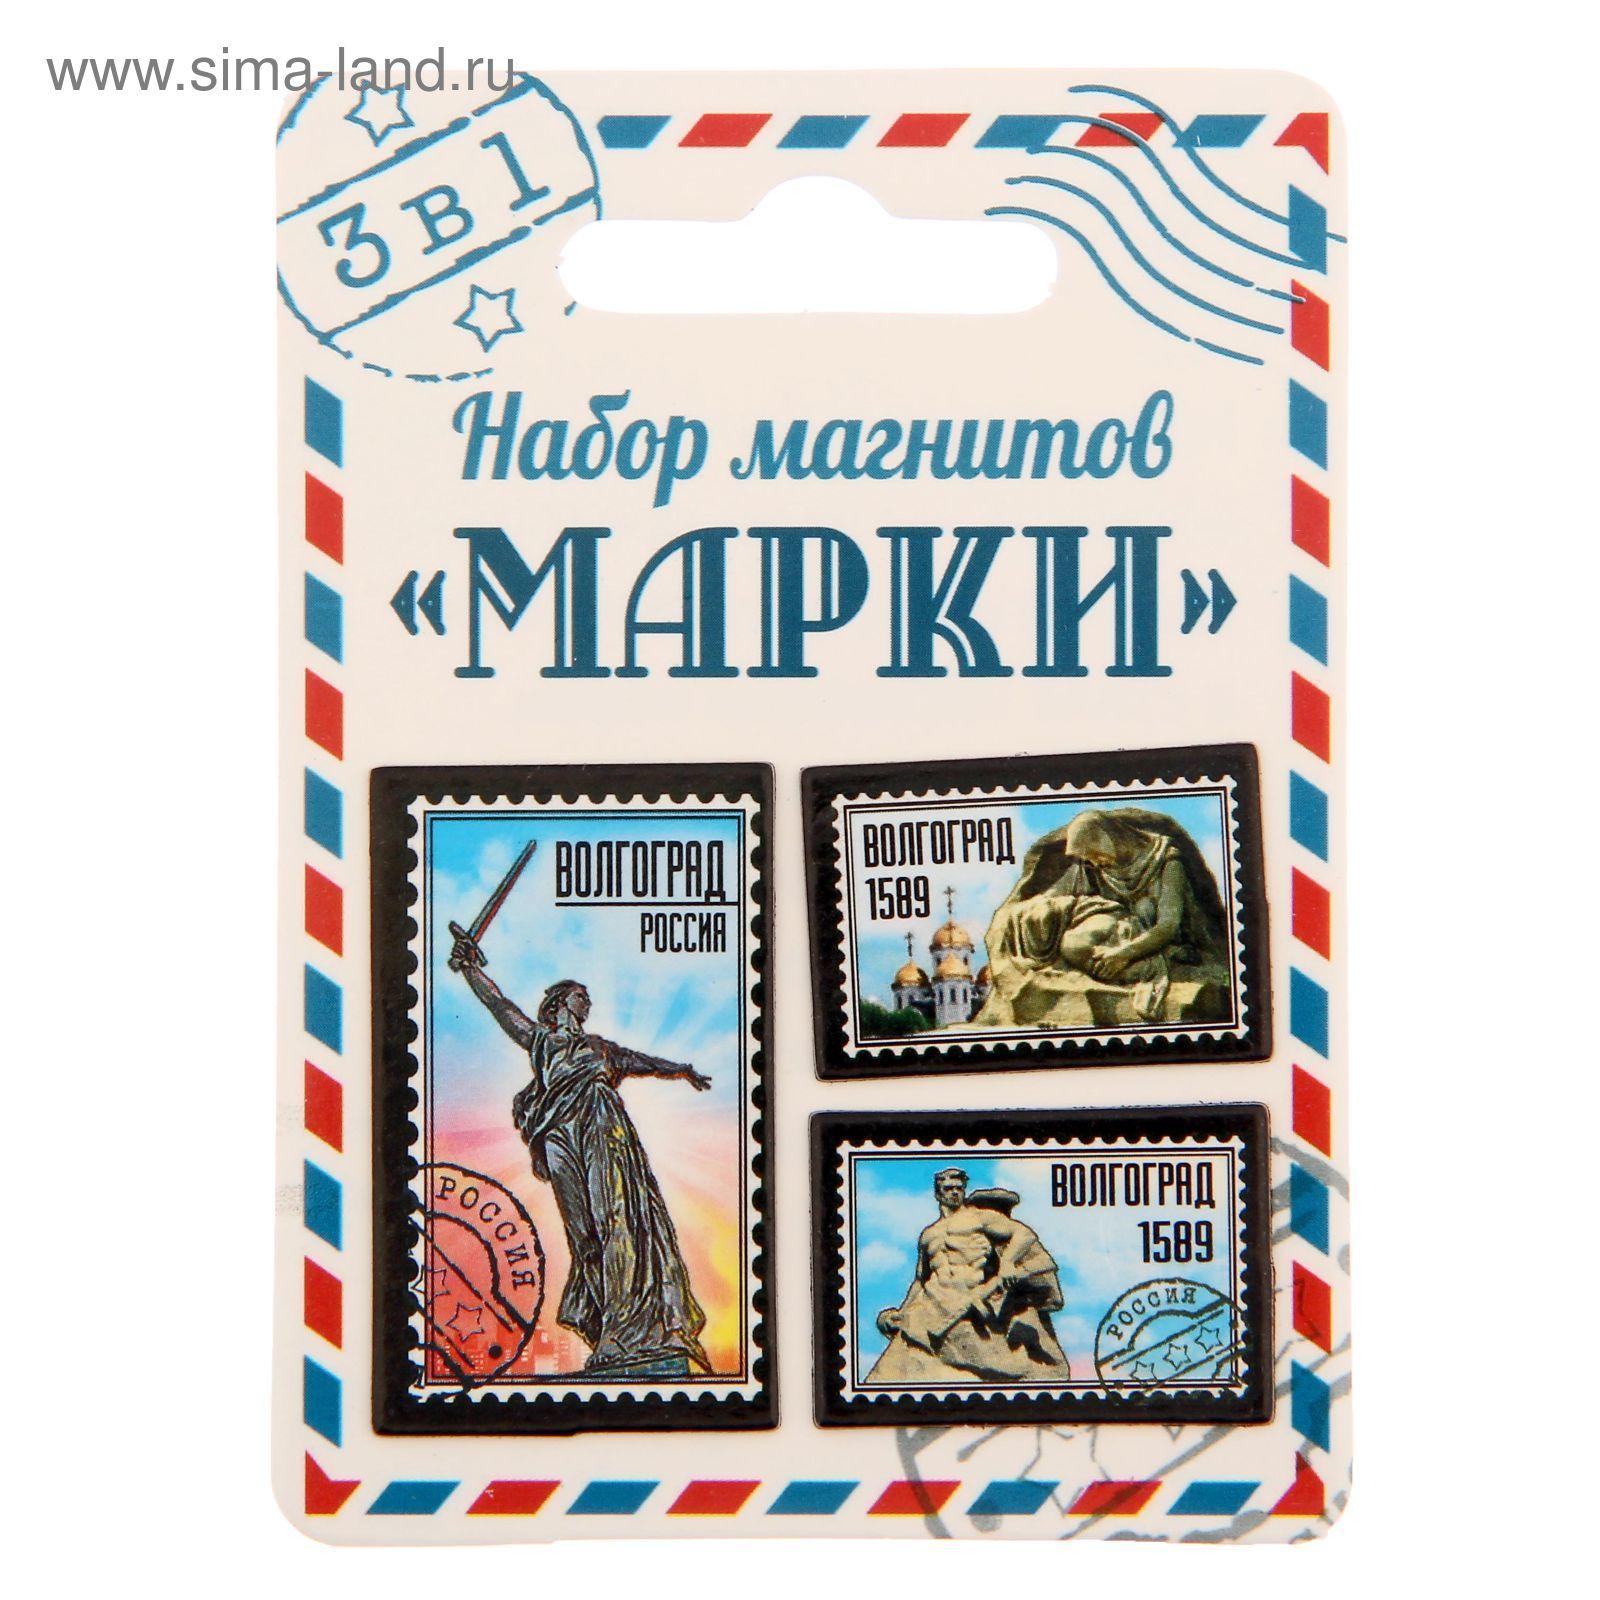 Alpha-PVP безкидалова Таганрог Курительные смеси Интернет Новочеркасск